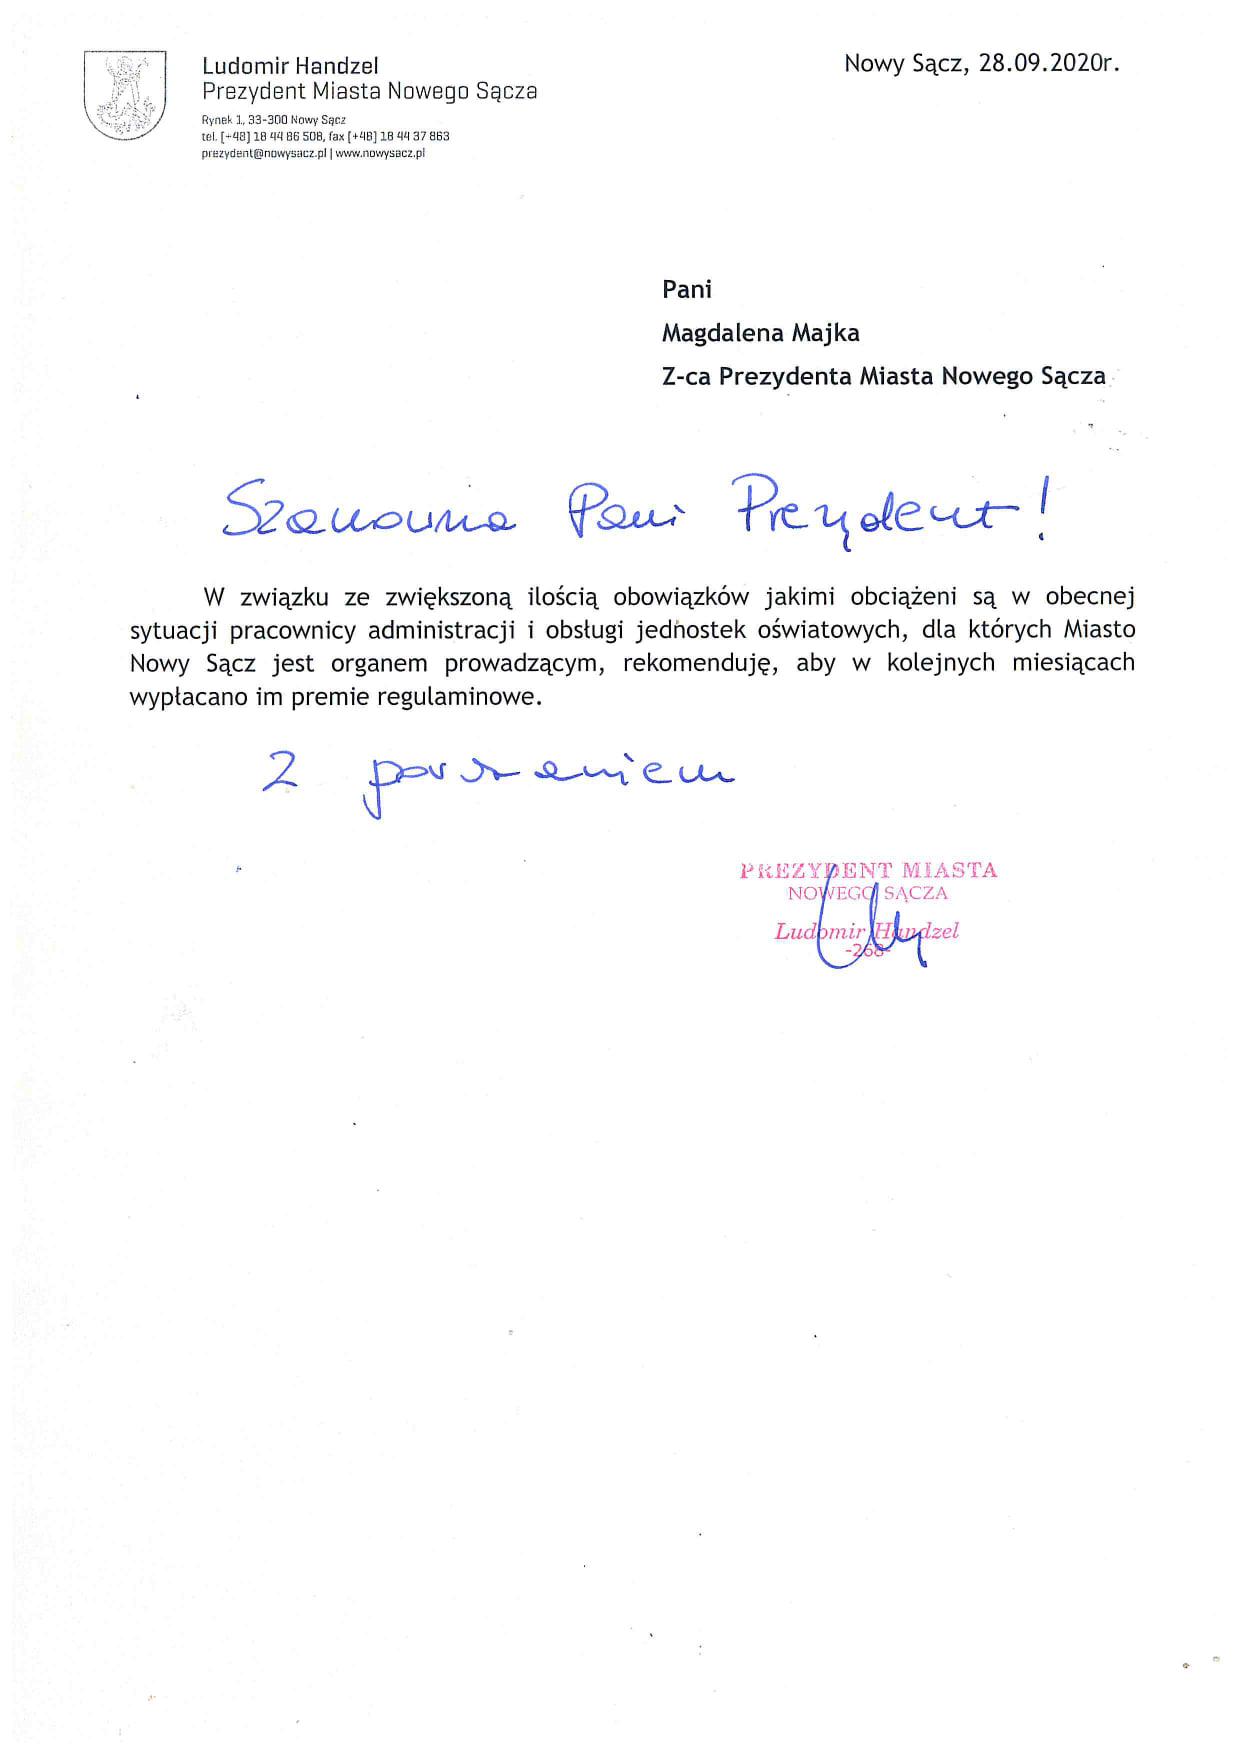 ℹ️ Ważna wiadomość dla pracowników administracji i obsługi sądeckich szkół❗️ #czasnanowysacz